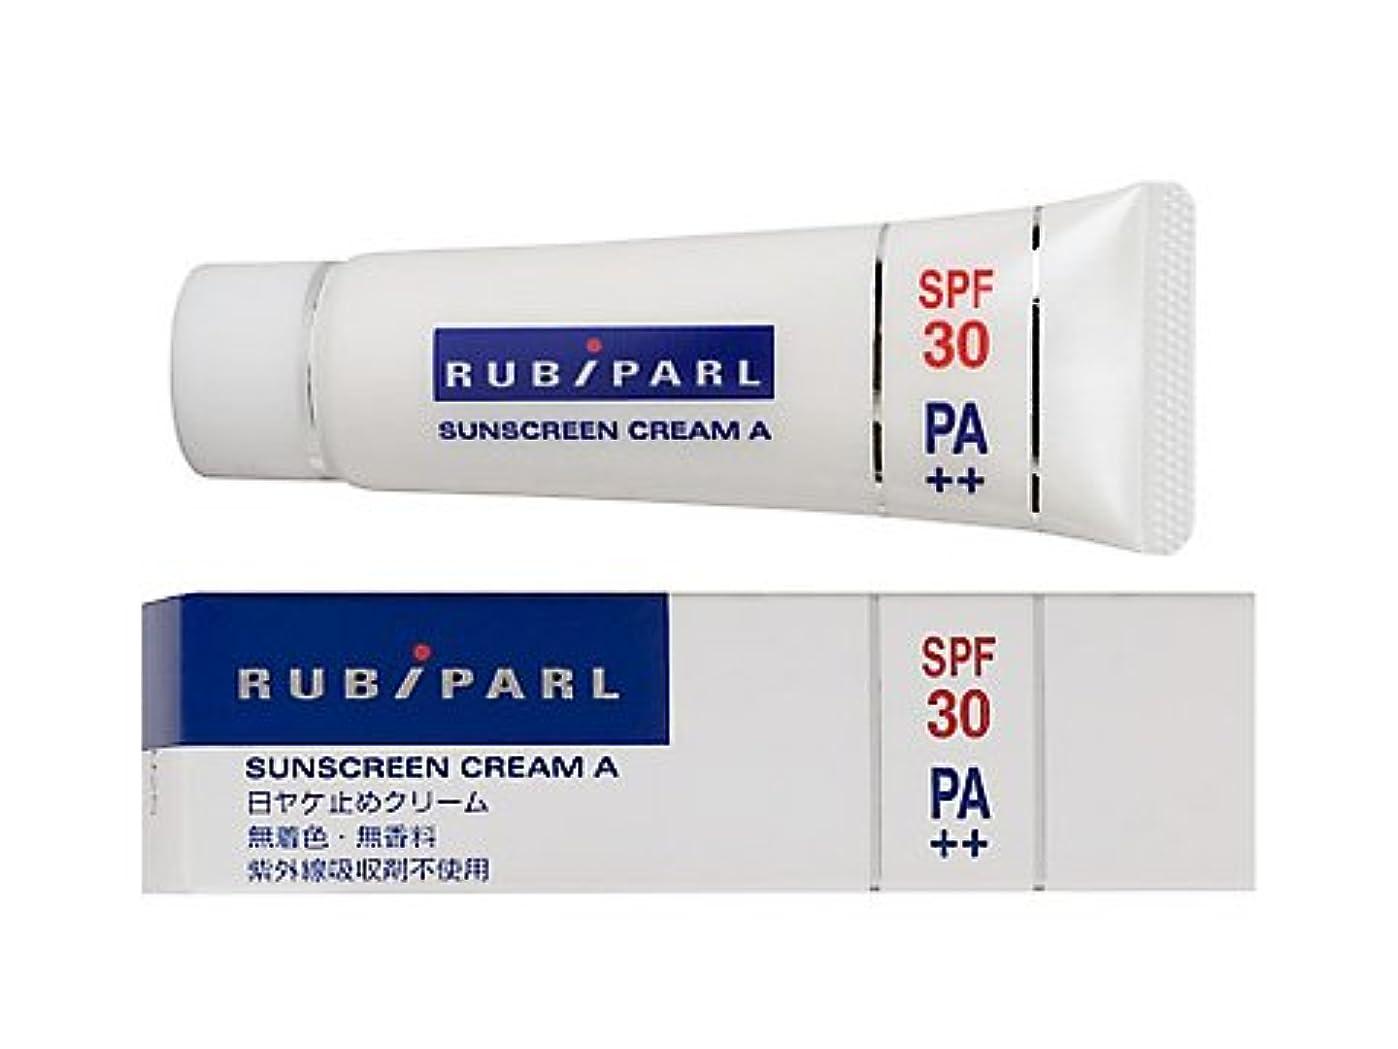 開業医残忍なオリエンタルルビパール サンスクリーンクリームA 15g (ミニ) 日ヤケ止めクリーム SPF30?PA++